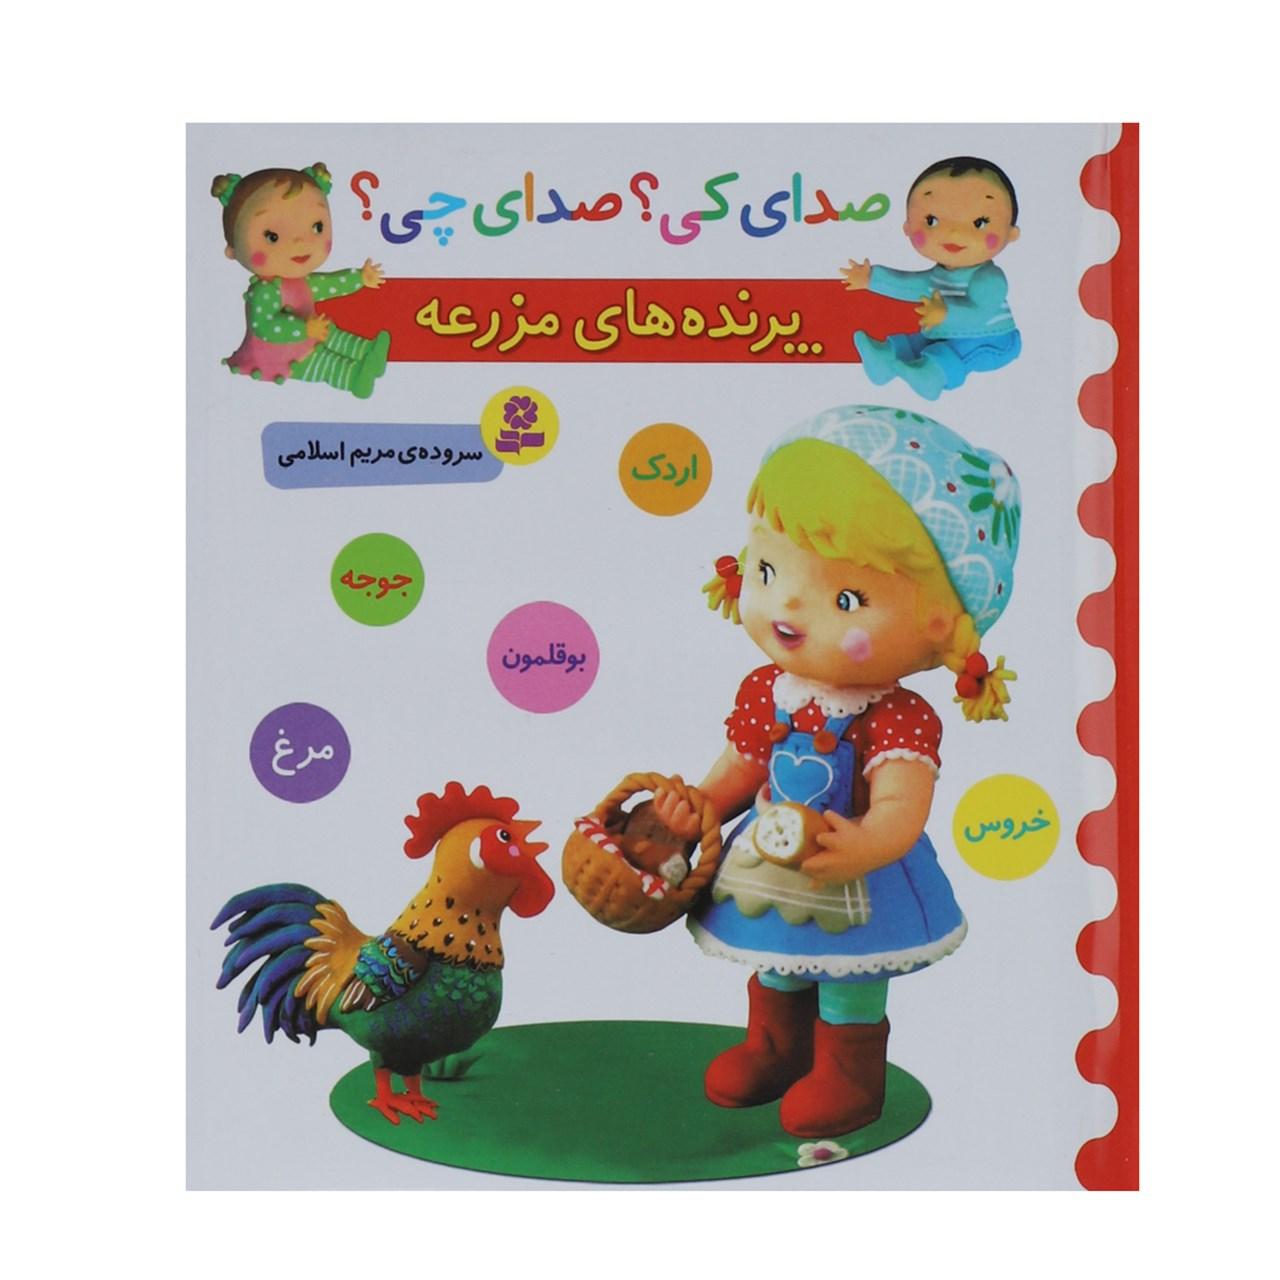 خرید                      کتاب صدای کی؟صدای چی؟ پرنده های مزرعه اردک بوقلمون اثر مریم اسلامی